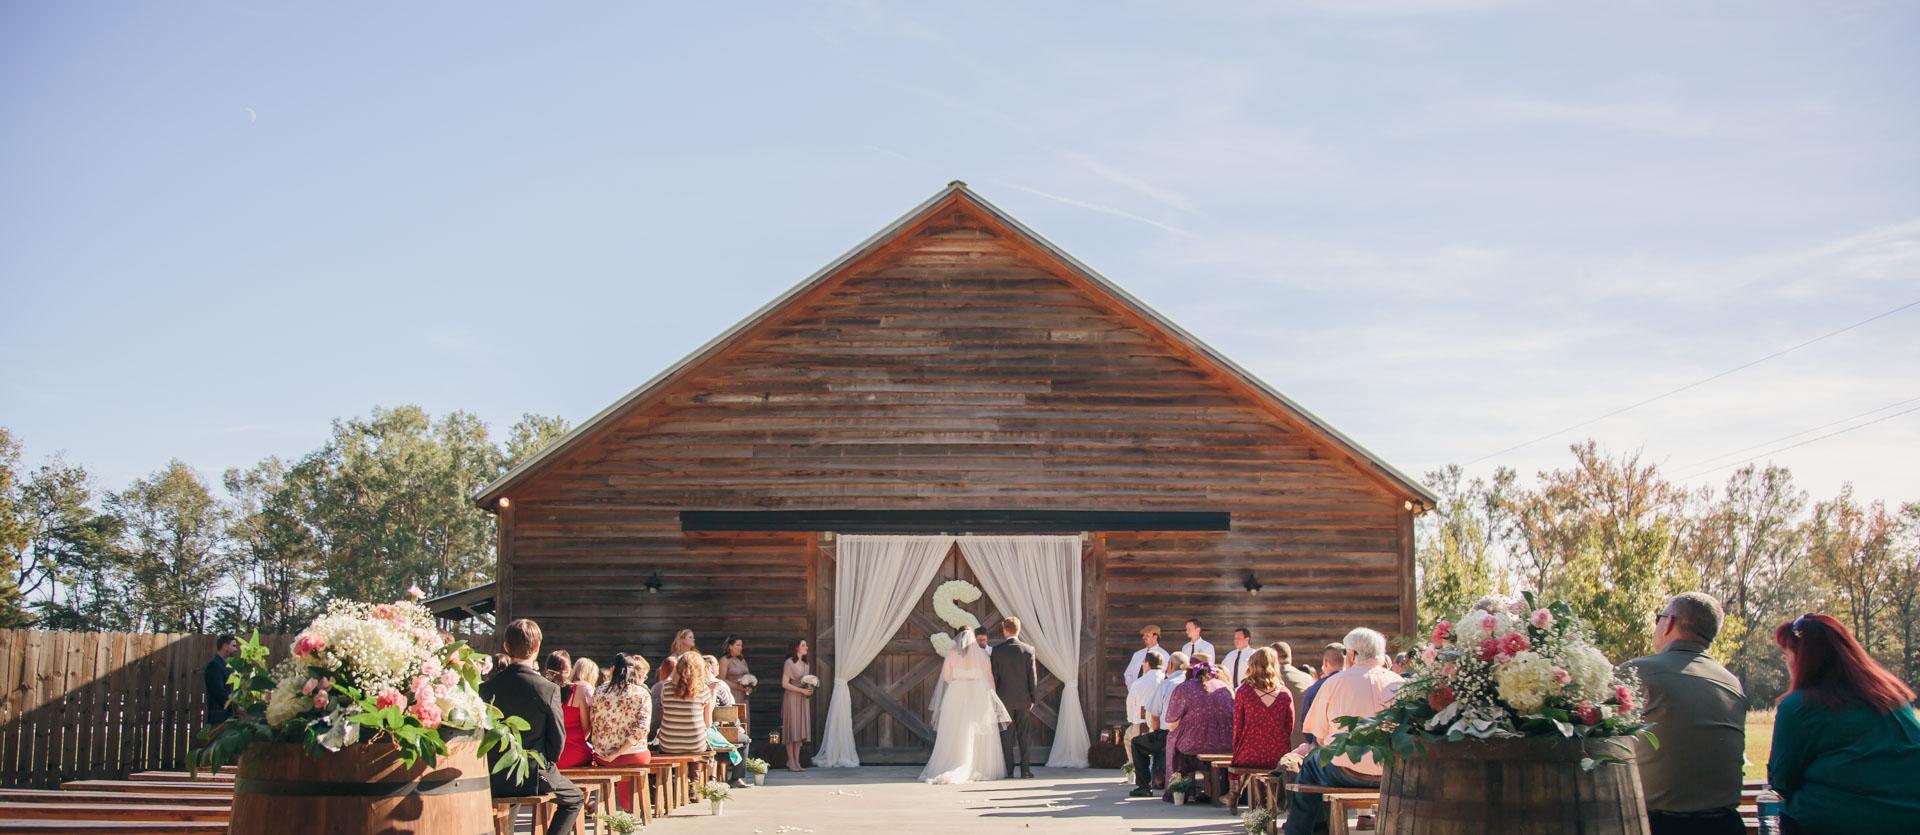 dennis-ceremony